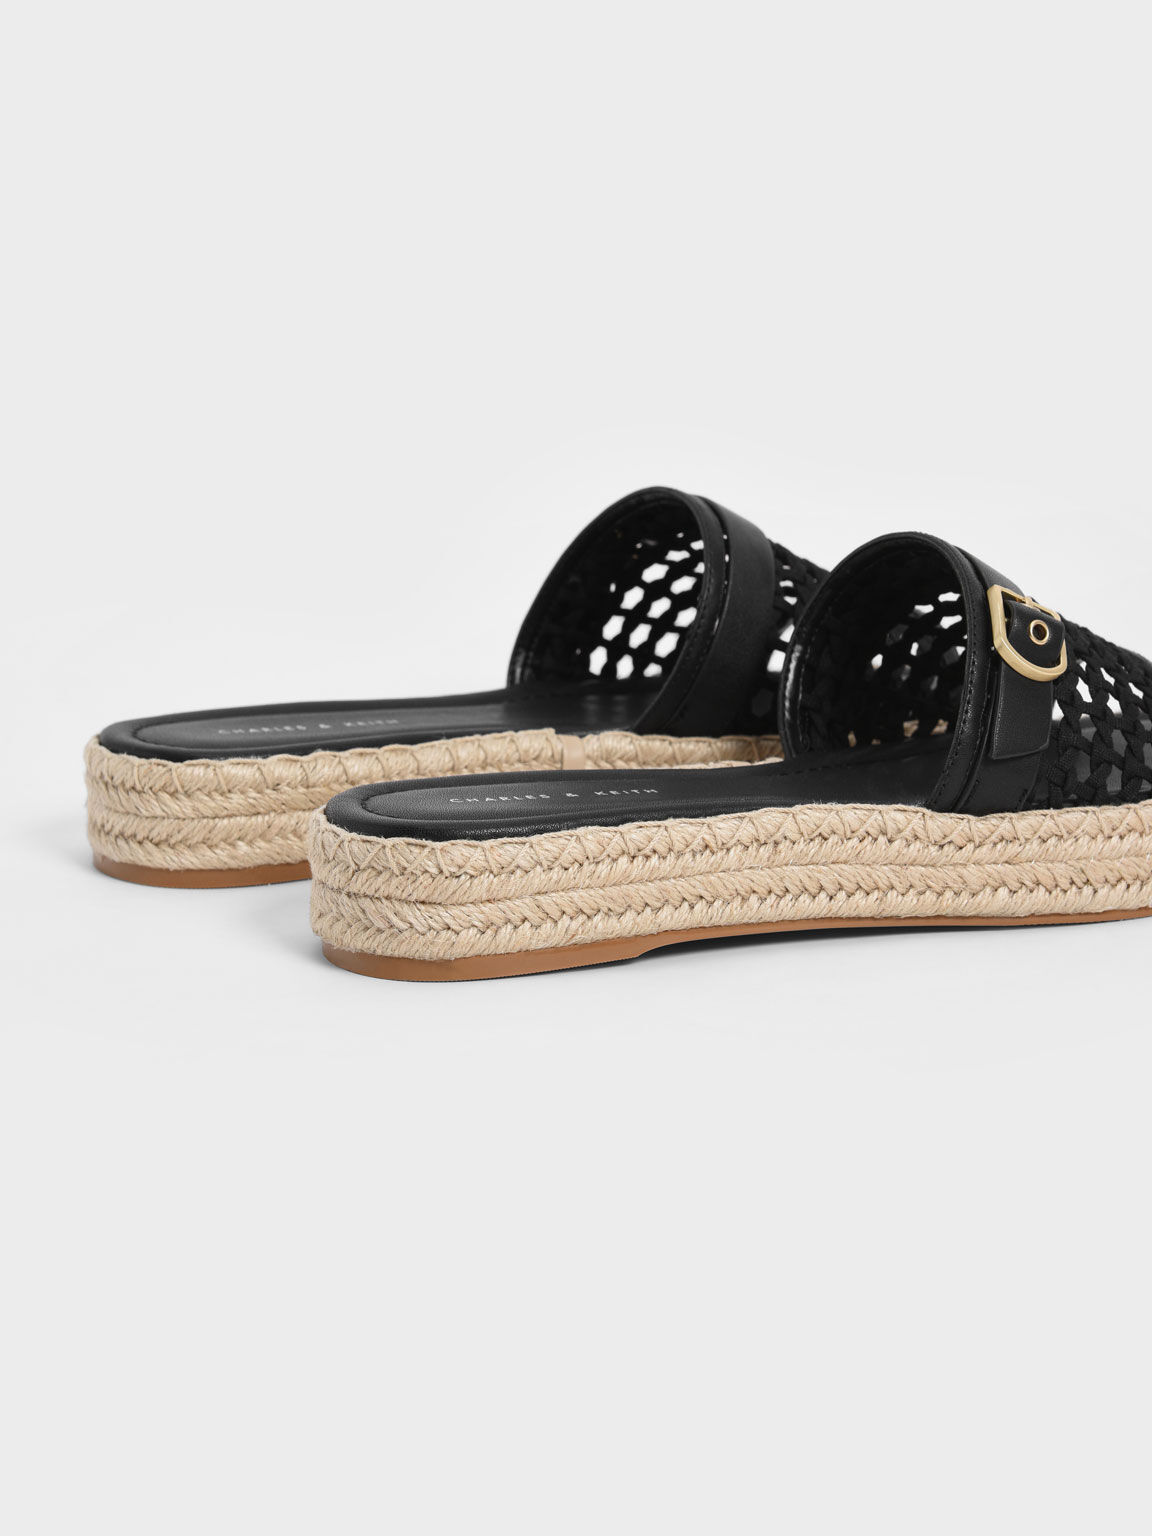 Buckle Strap Espadrille Sandals, Black, hi-res